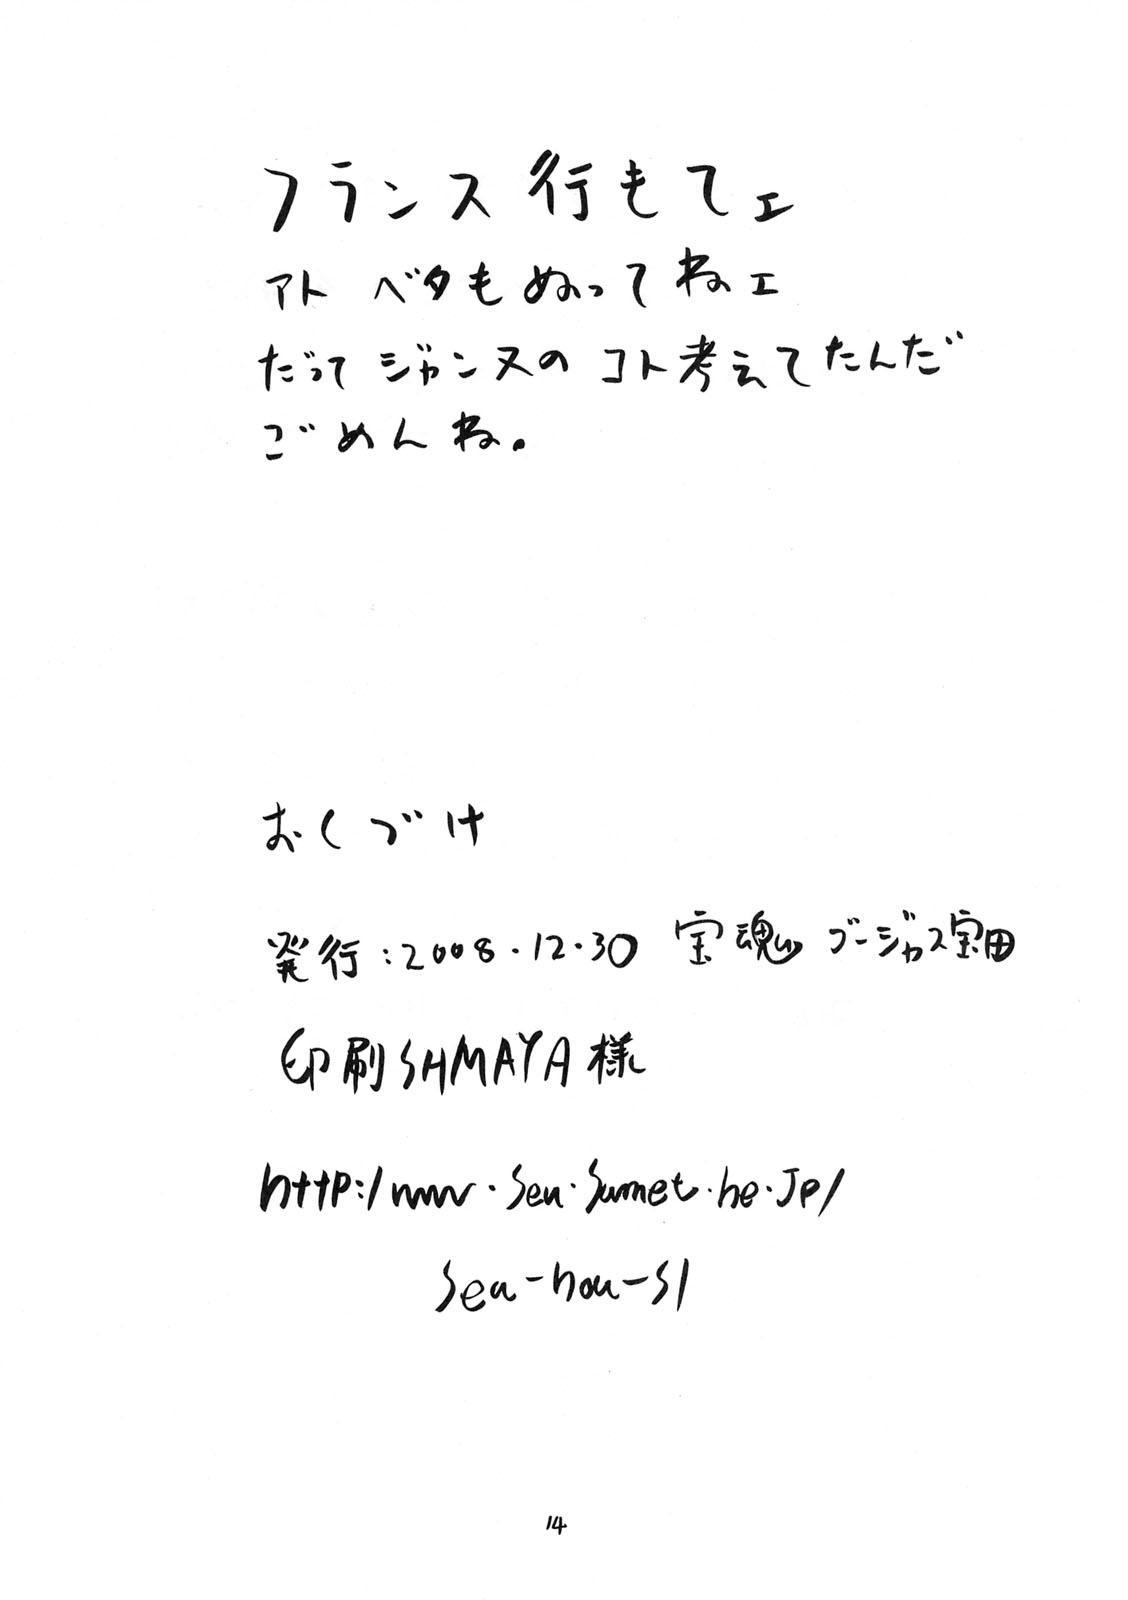 mayaonaka ni tengoku kara ero manga ke shibou no jannu-daruku ga yatteki te chiku 35 12